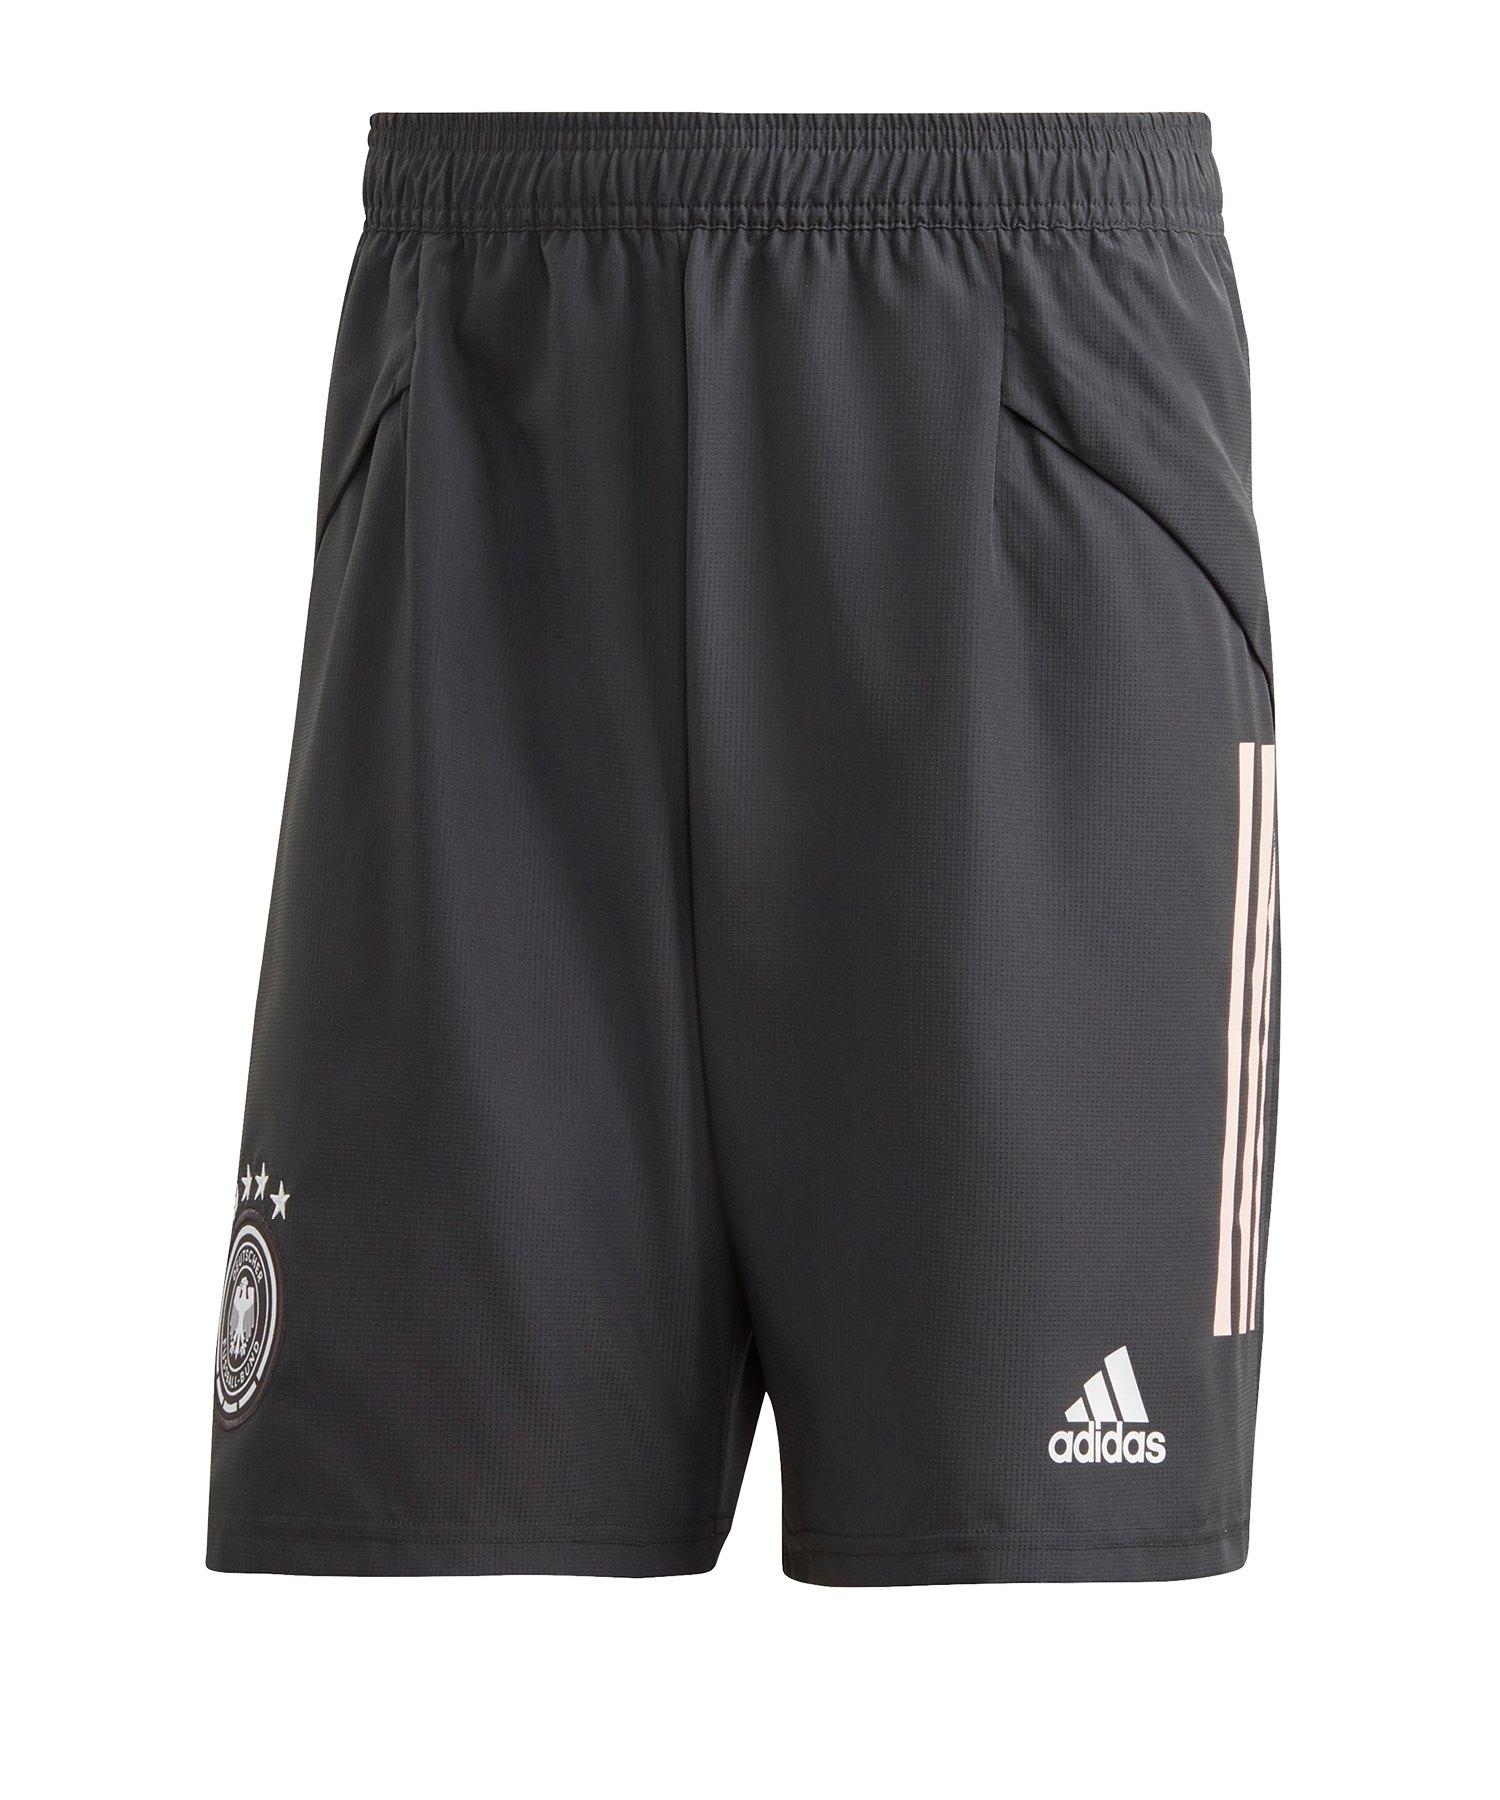 adidas DFB Deutschland DT Short Grau - grau